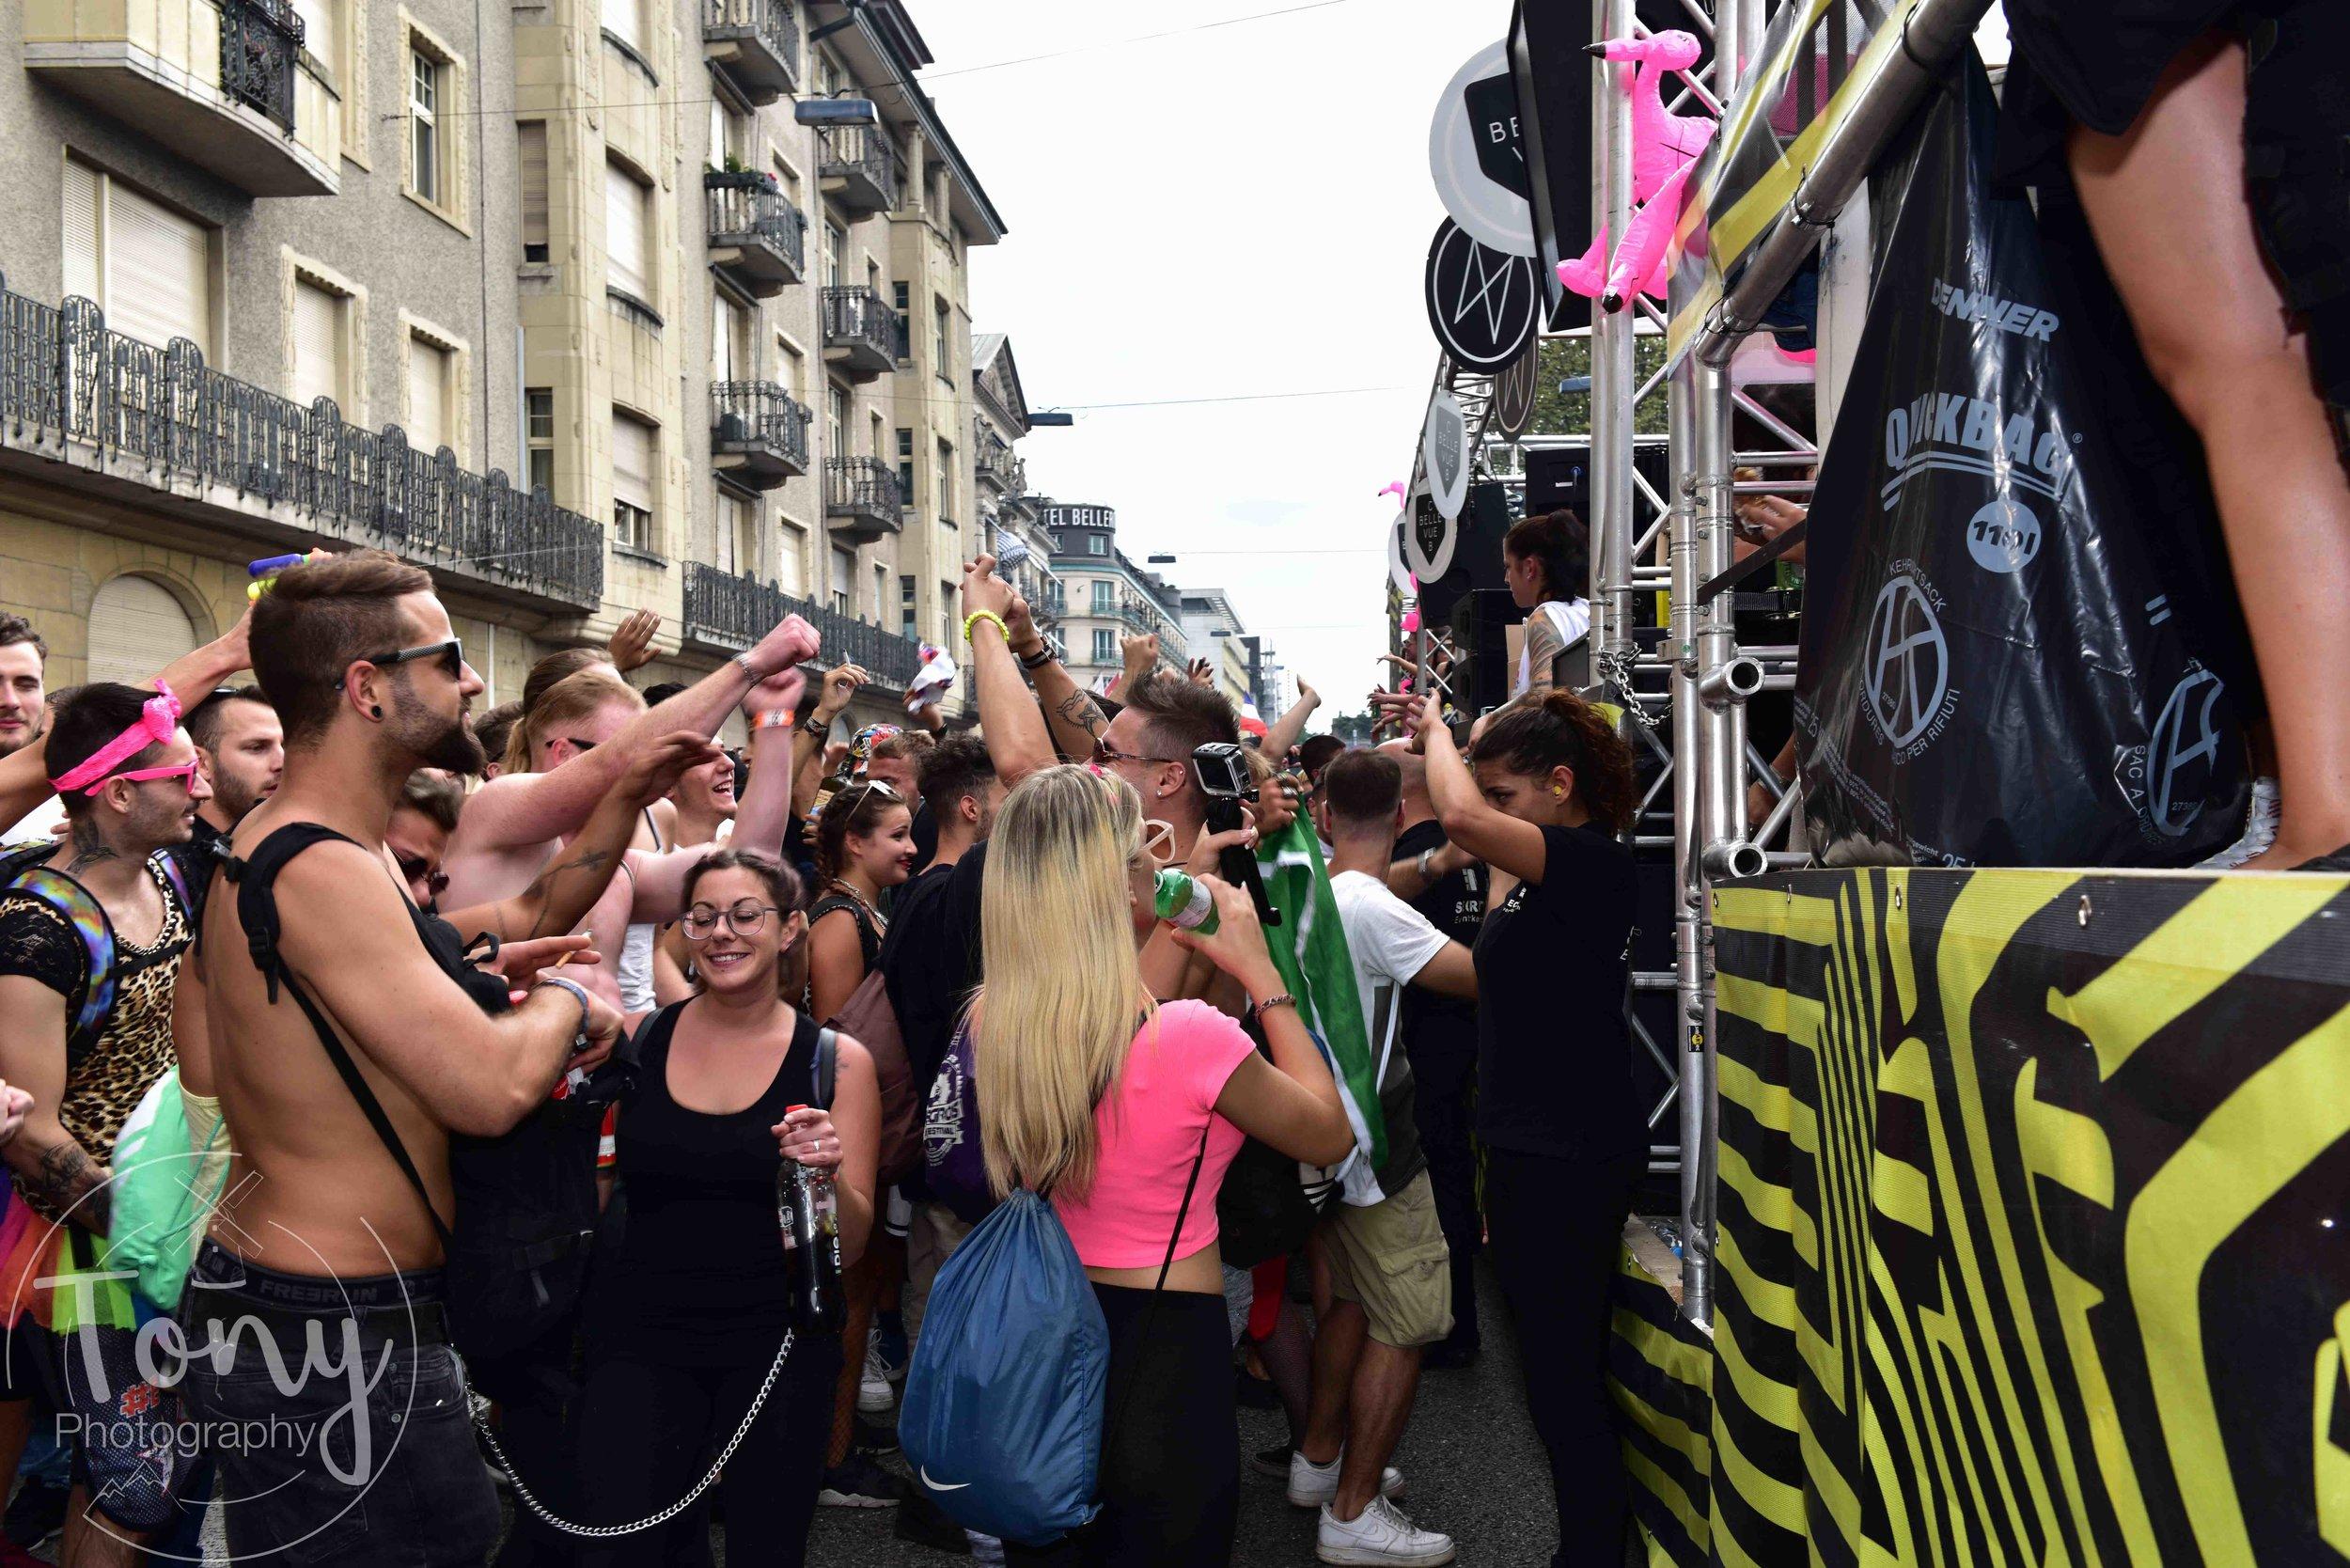 streetparade-69.jpg